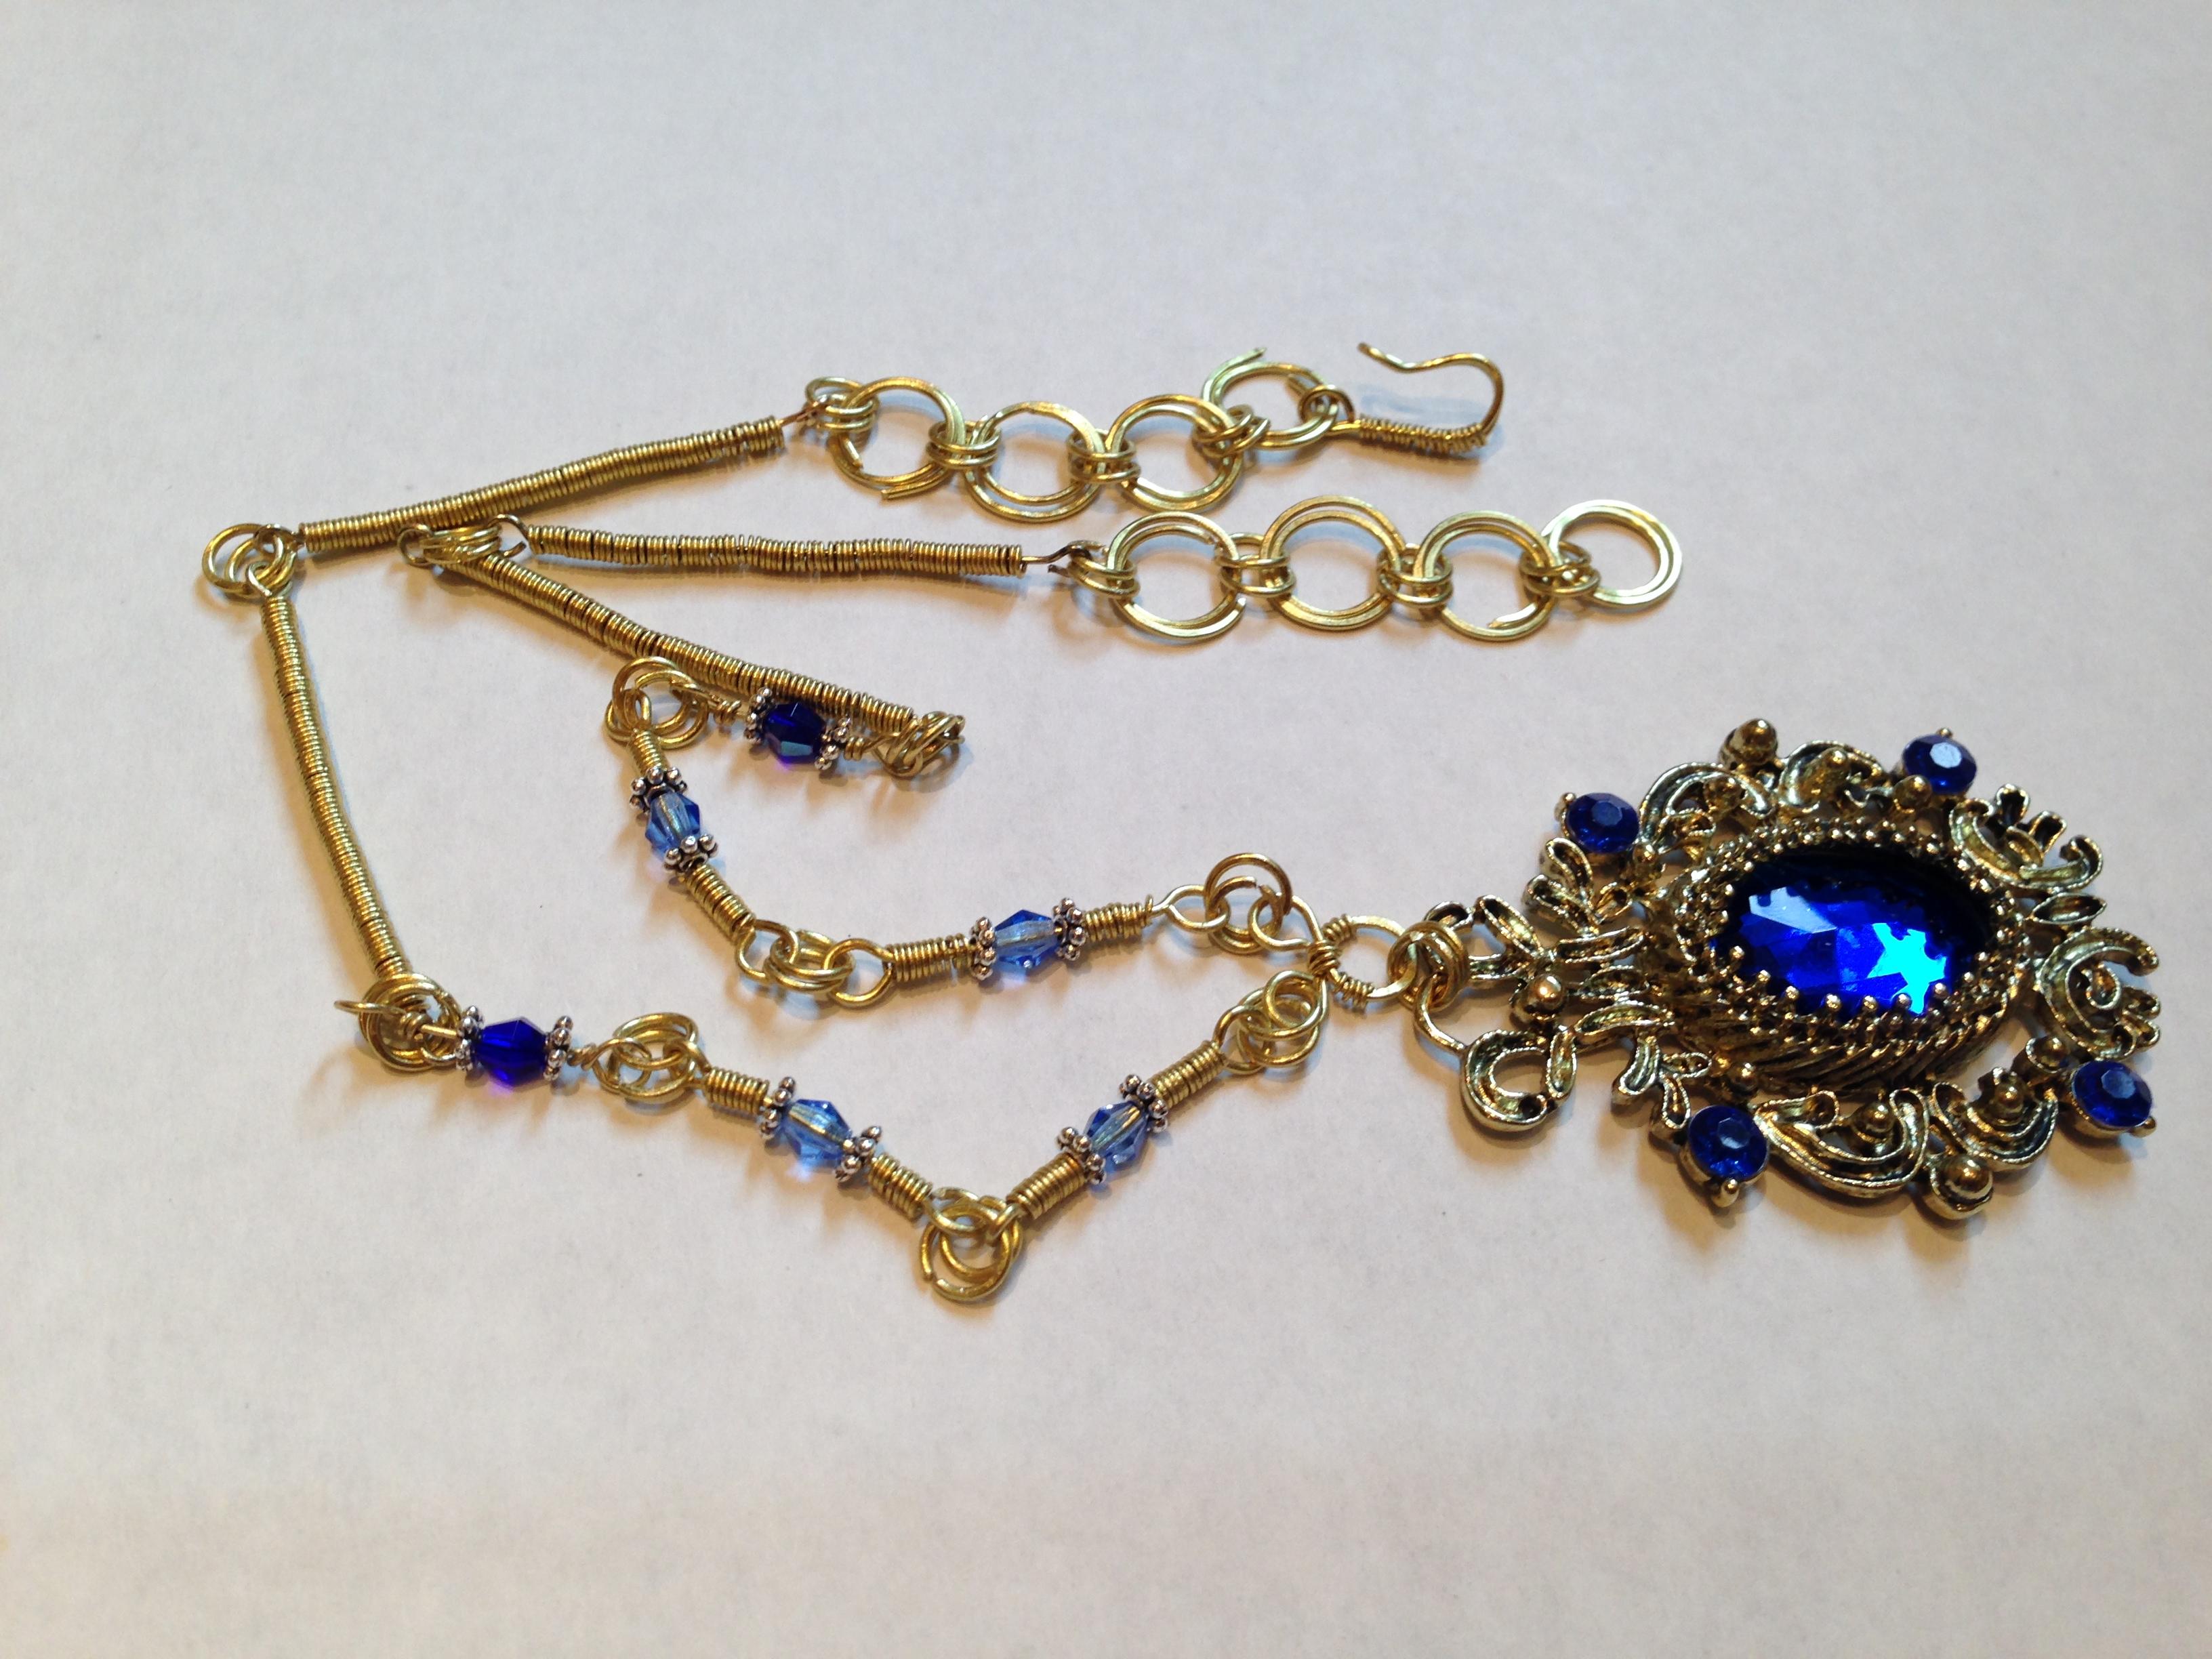 Necklace Blue pendant golden links